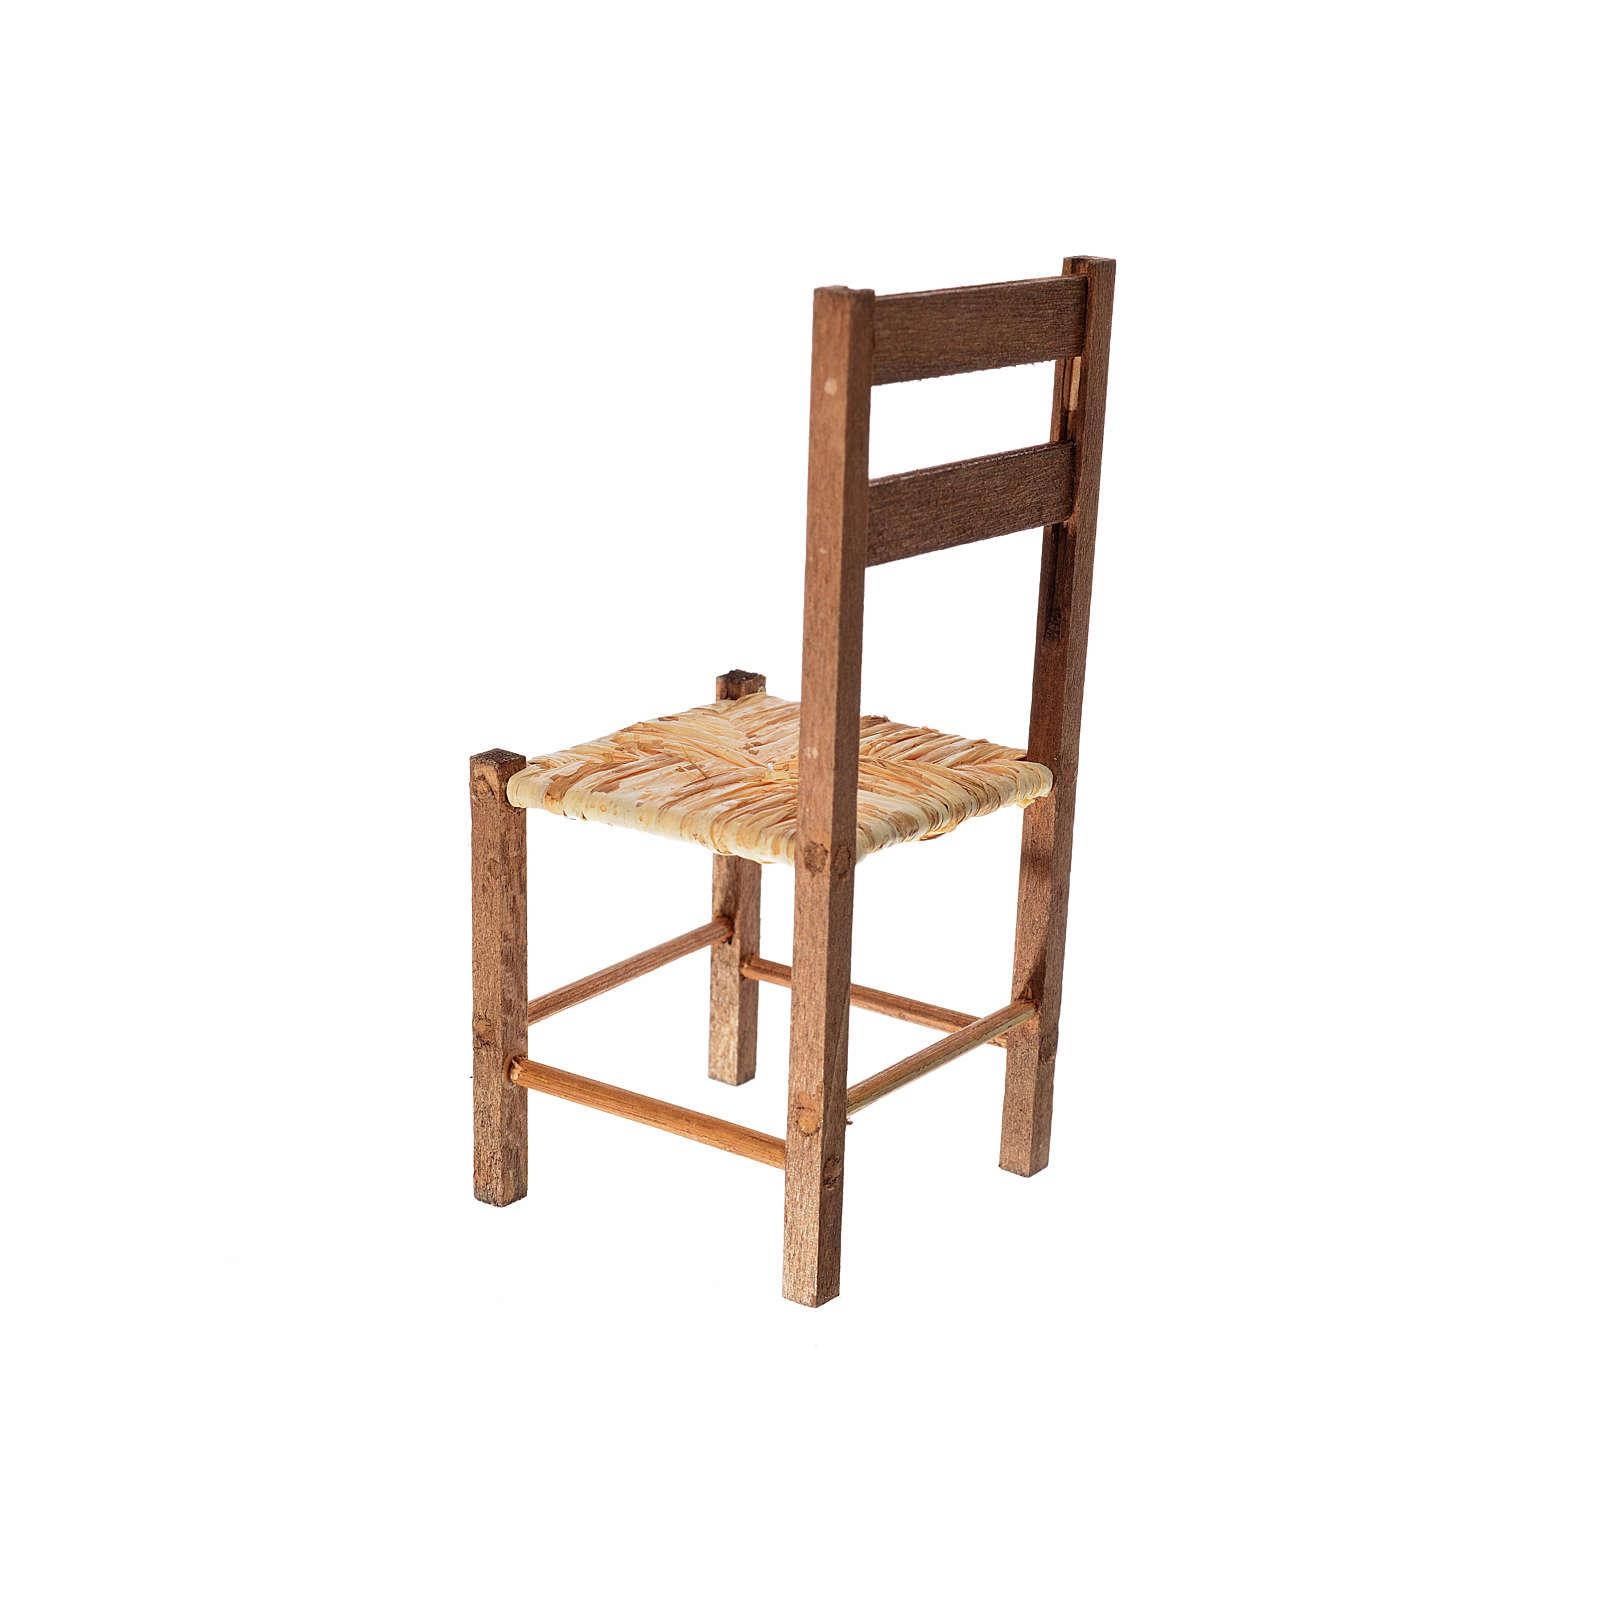 Neapolitan nativity accessory, straw chair 12x6x6cm 4